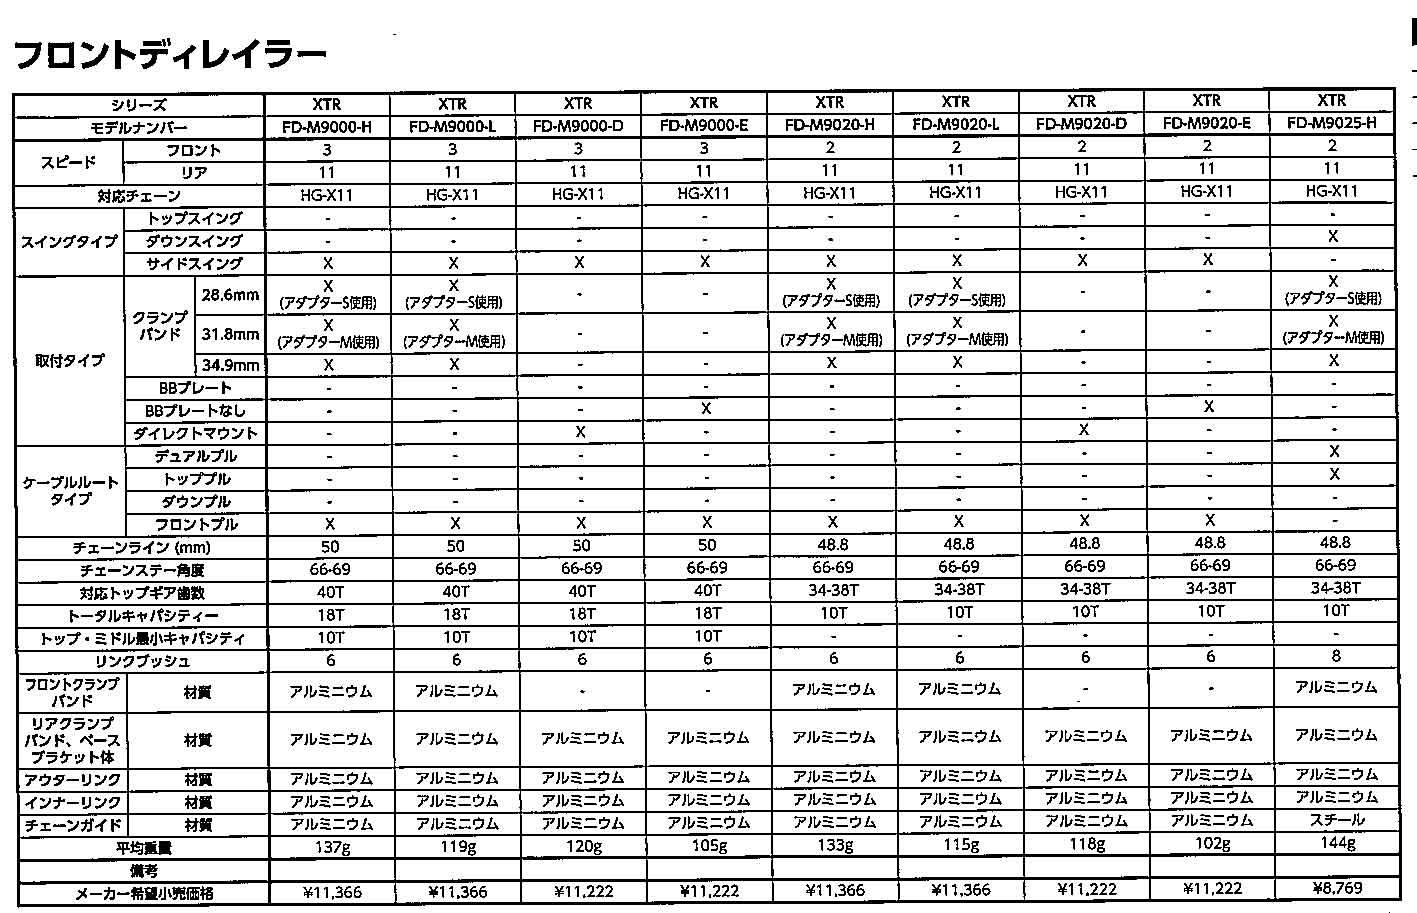 自転車の 自転車 変速機 調整 価格 : ... 変速機) (IFDM9025HTX6) Shimano【XTR